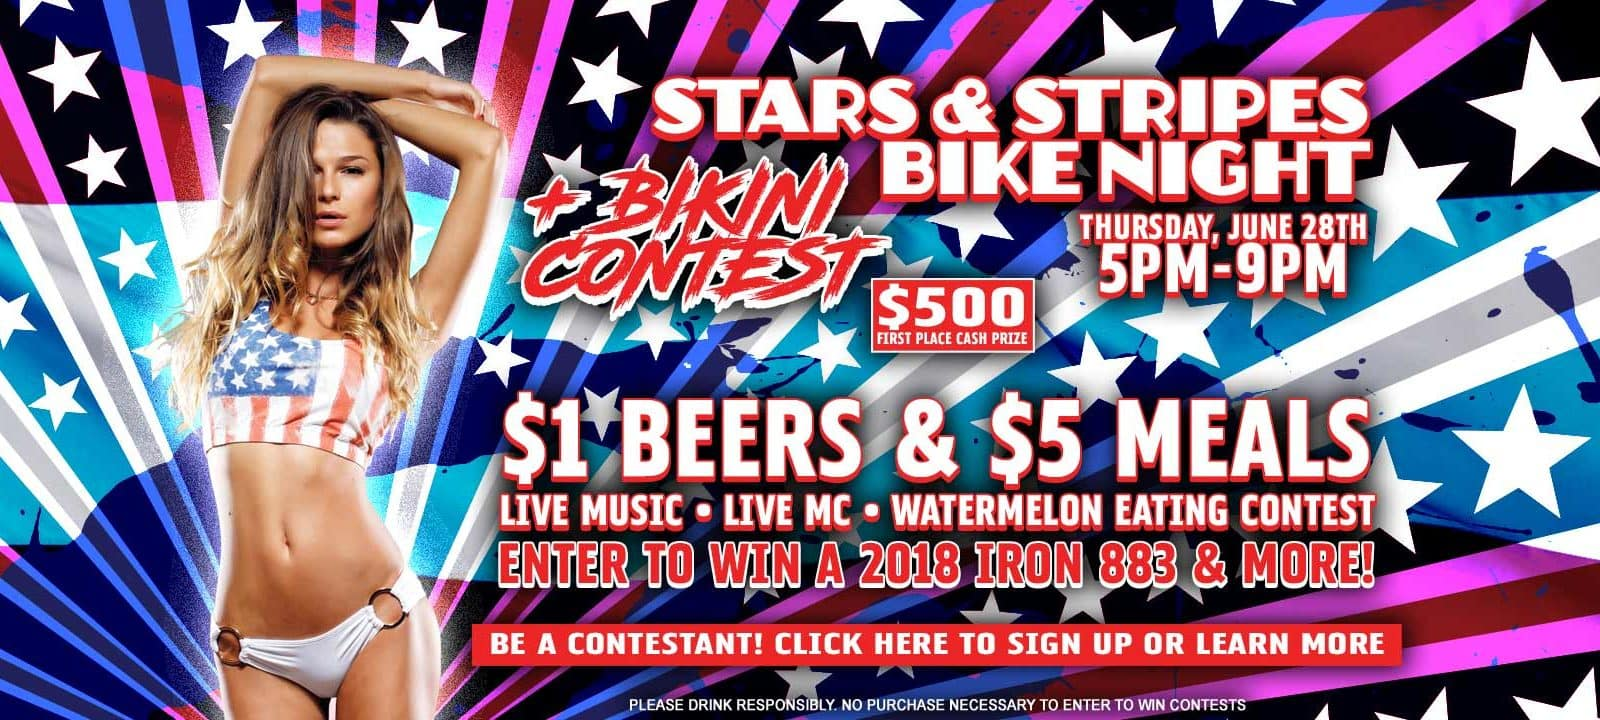 20180628-HBHD-1800x720-Stars-&-Stripes-Bike-Night-&-Bikini-Contest